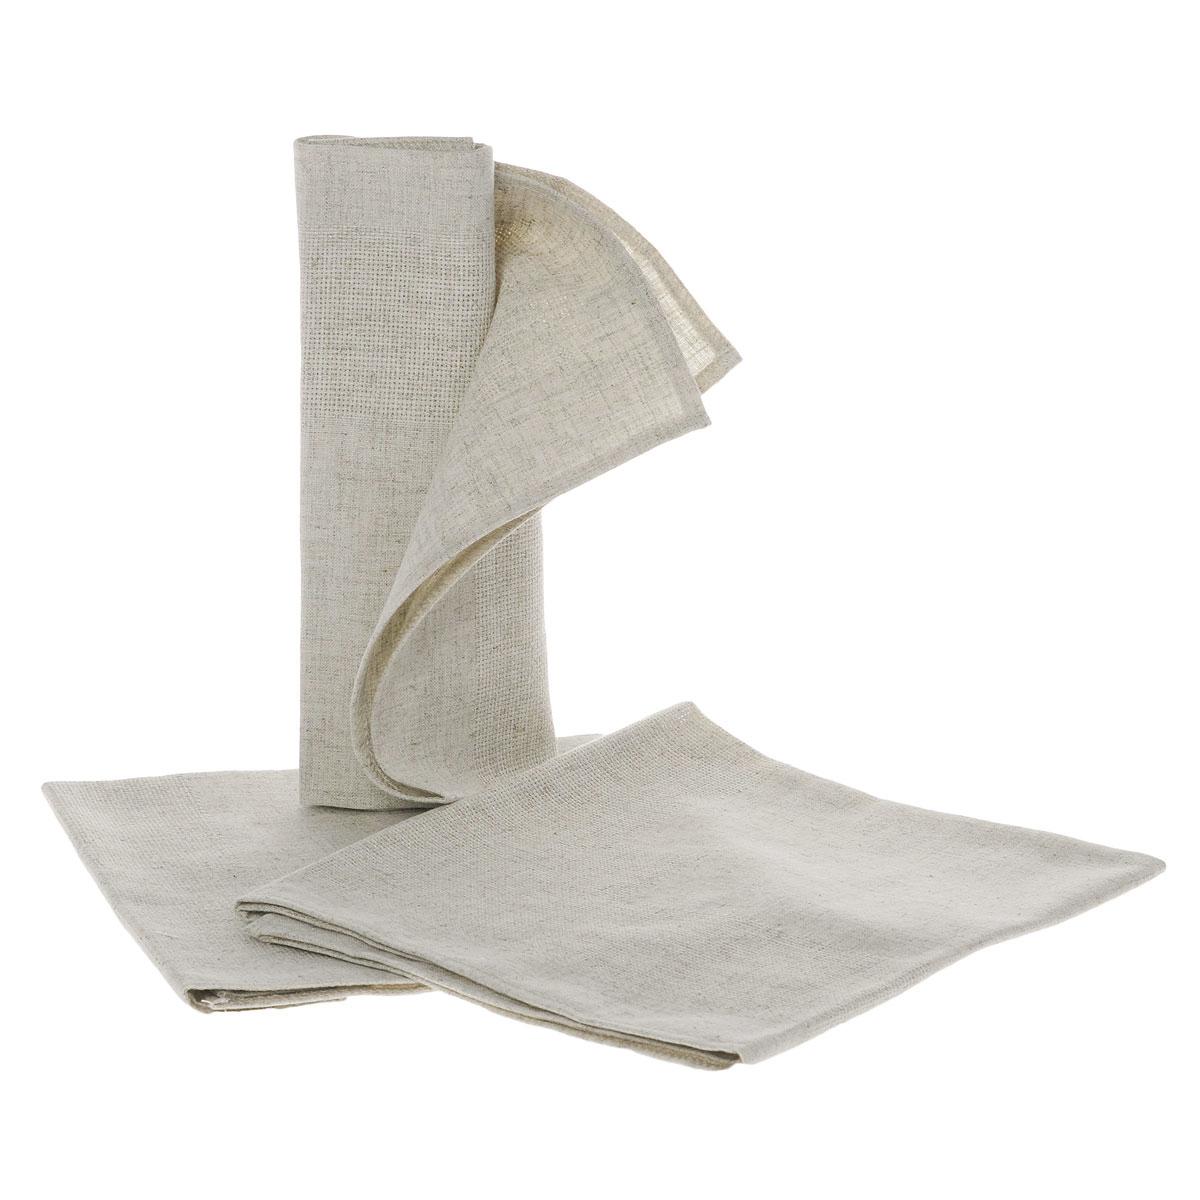 Салфетки Alisena, цвет: бежевый, 46 х 44 см, 3 штRDP-802Салфетки Alisena выполнены из натурального льна. В наборе - 3 салфетки. Такие салфетки защитят ваш стол от царапин и станут оригинальным дополнением интерьера. Вы можете использовать салфетки для декорирования стола, комода, журнального столика. В любом случае они добавят в ваш дом стиля, изысканности и неповторимости.